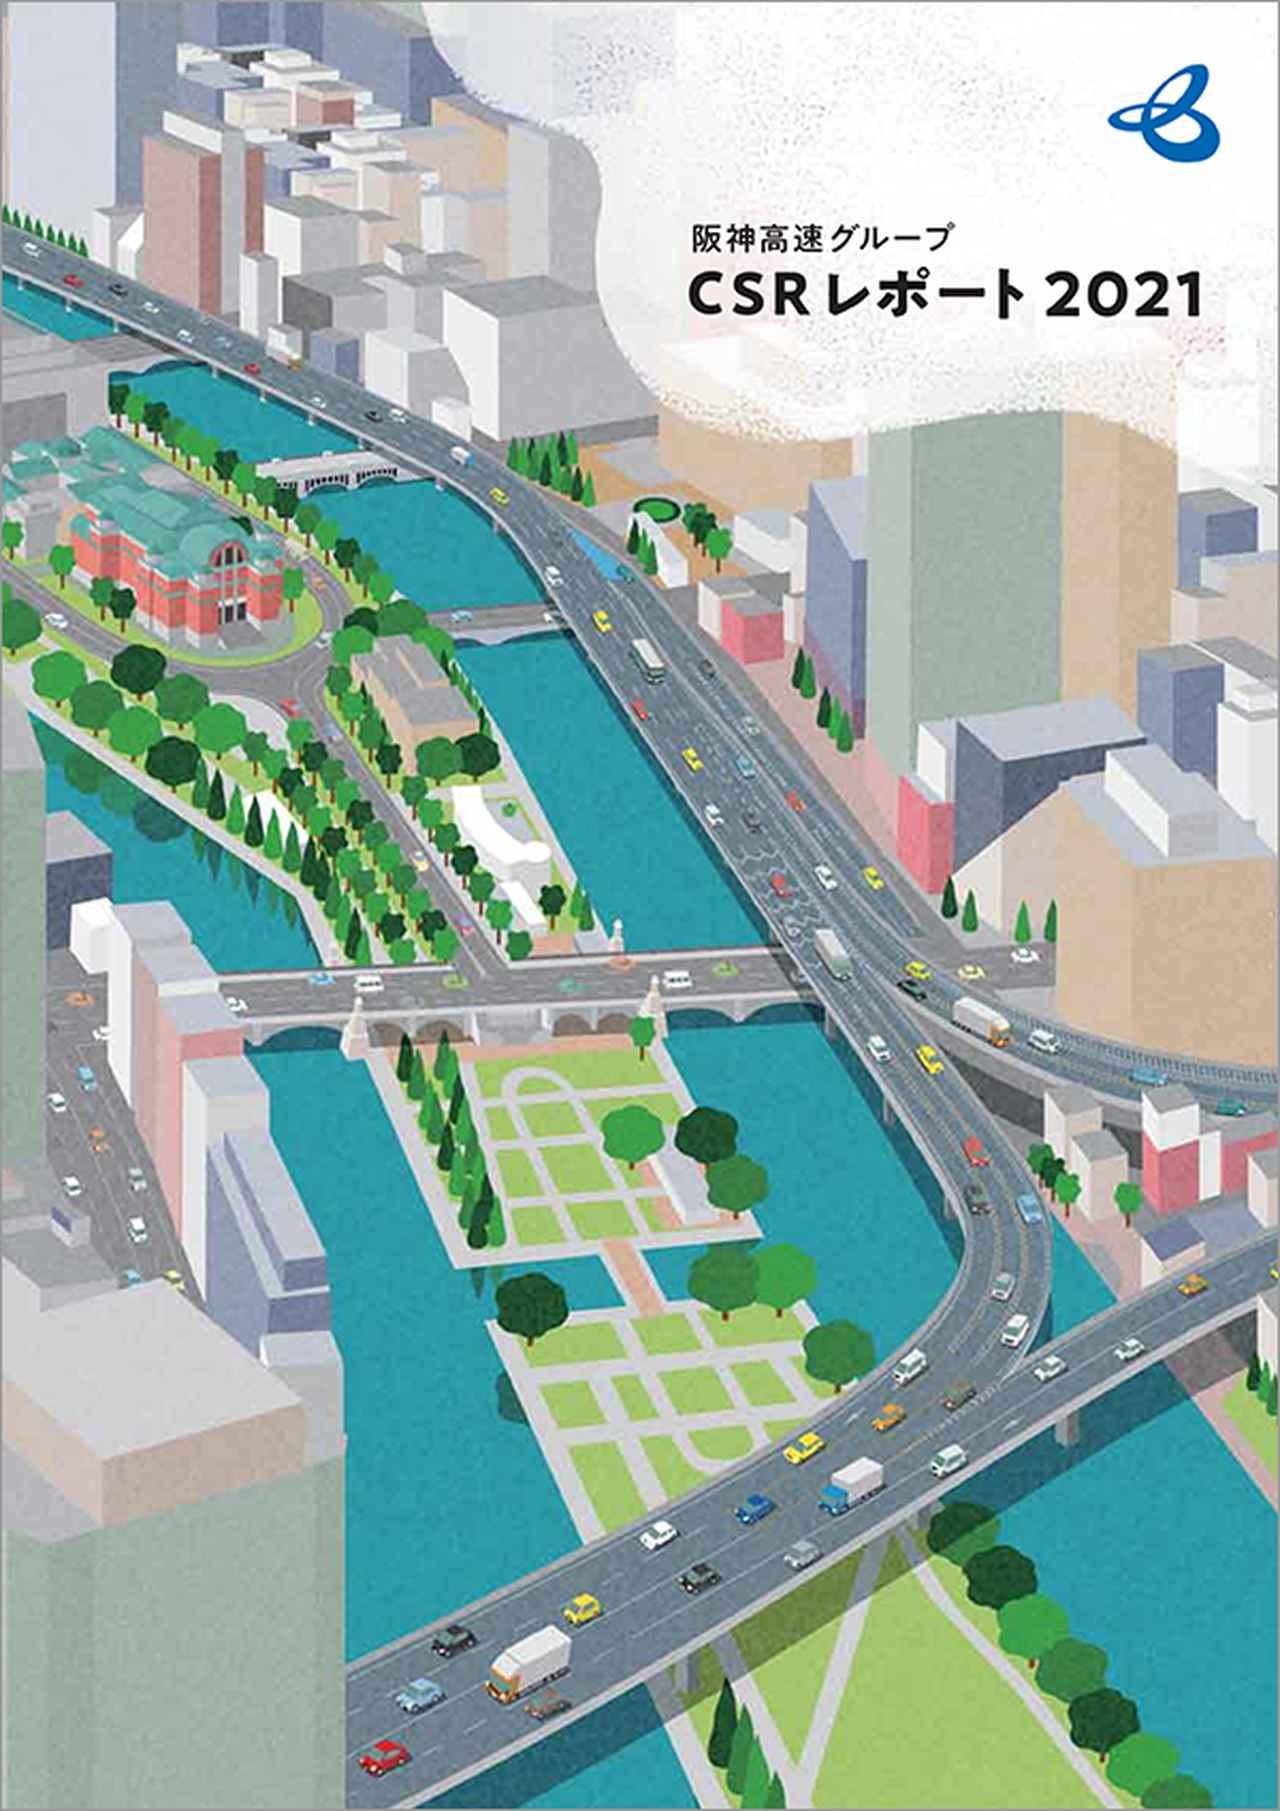 画像: レポートダウンロード 阪神高速道路株式会社